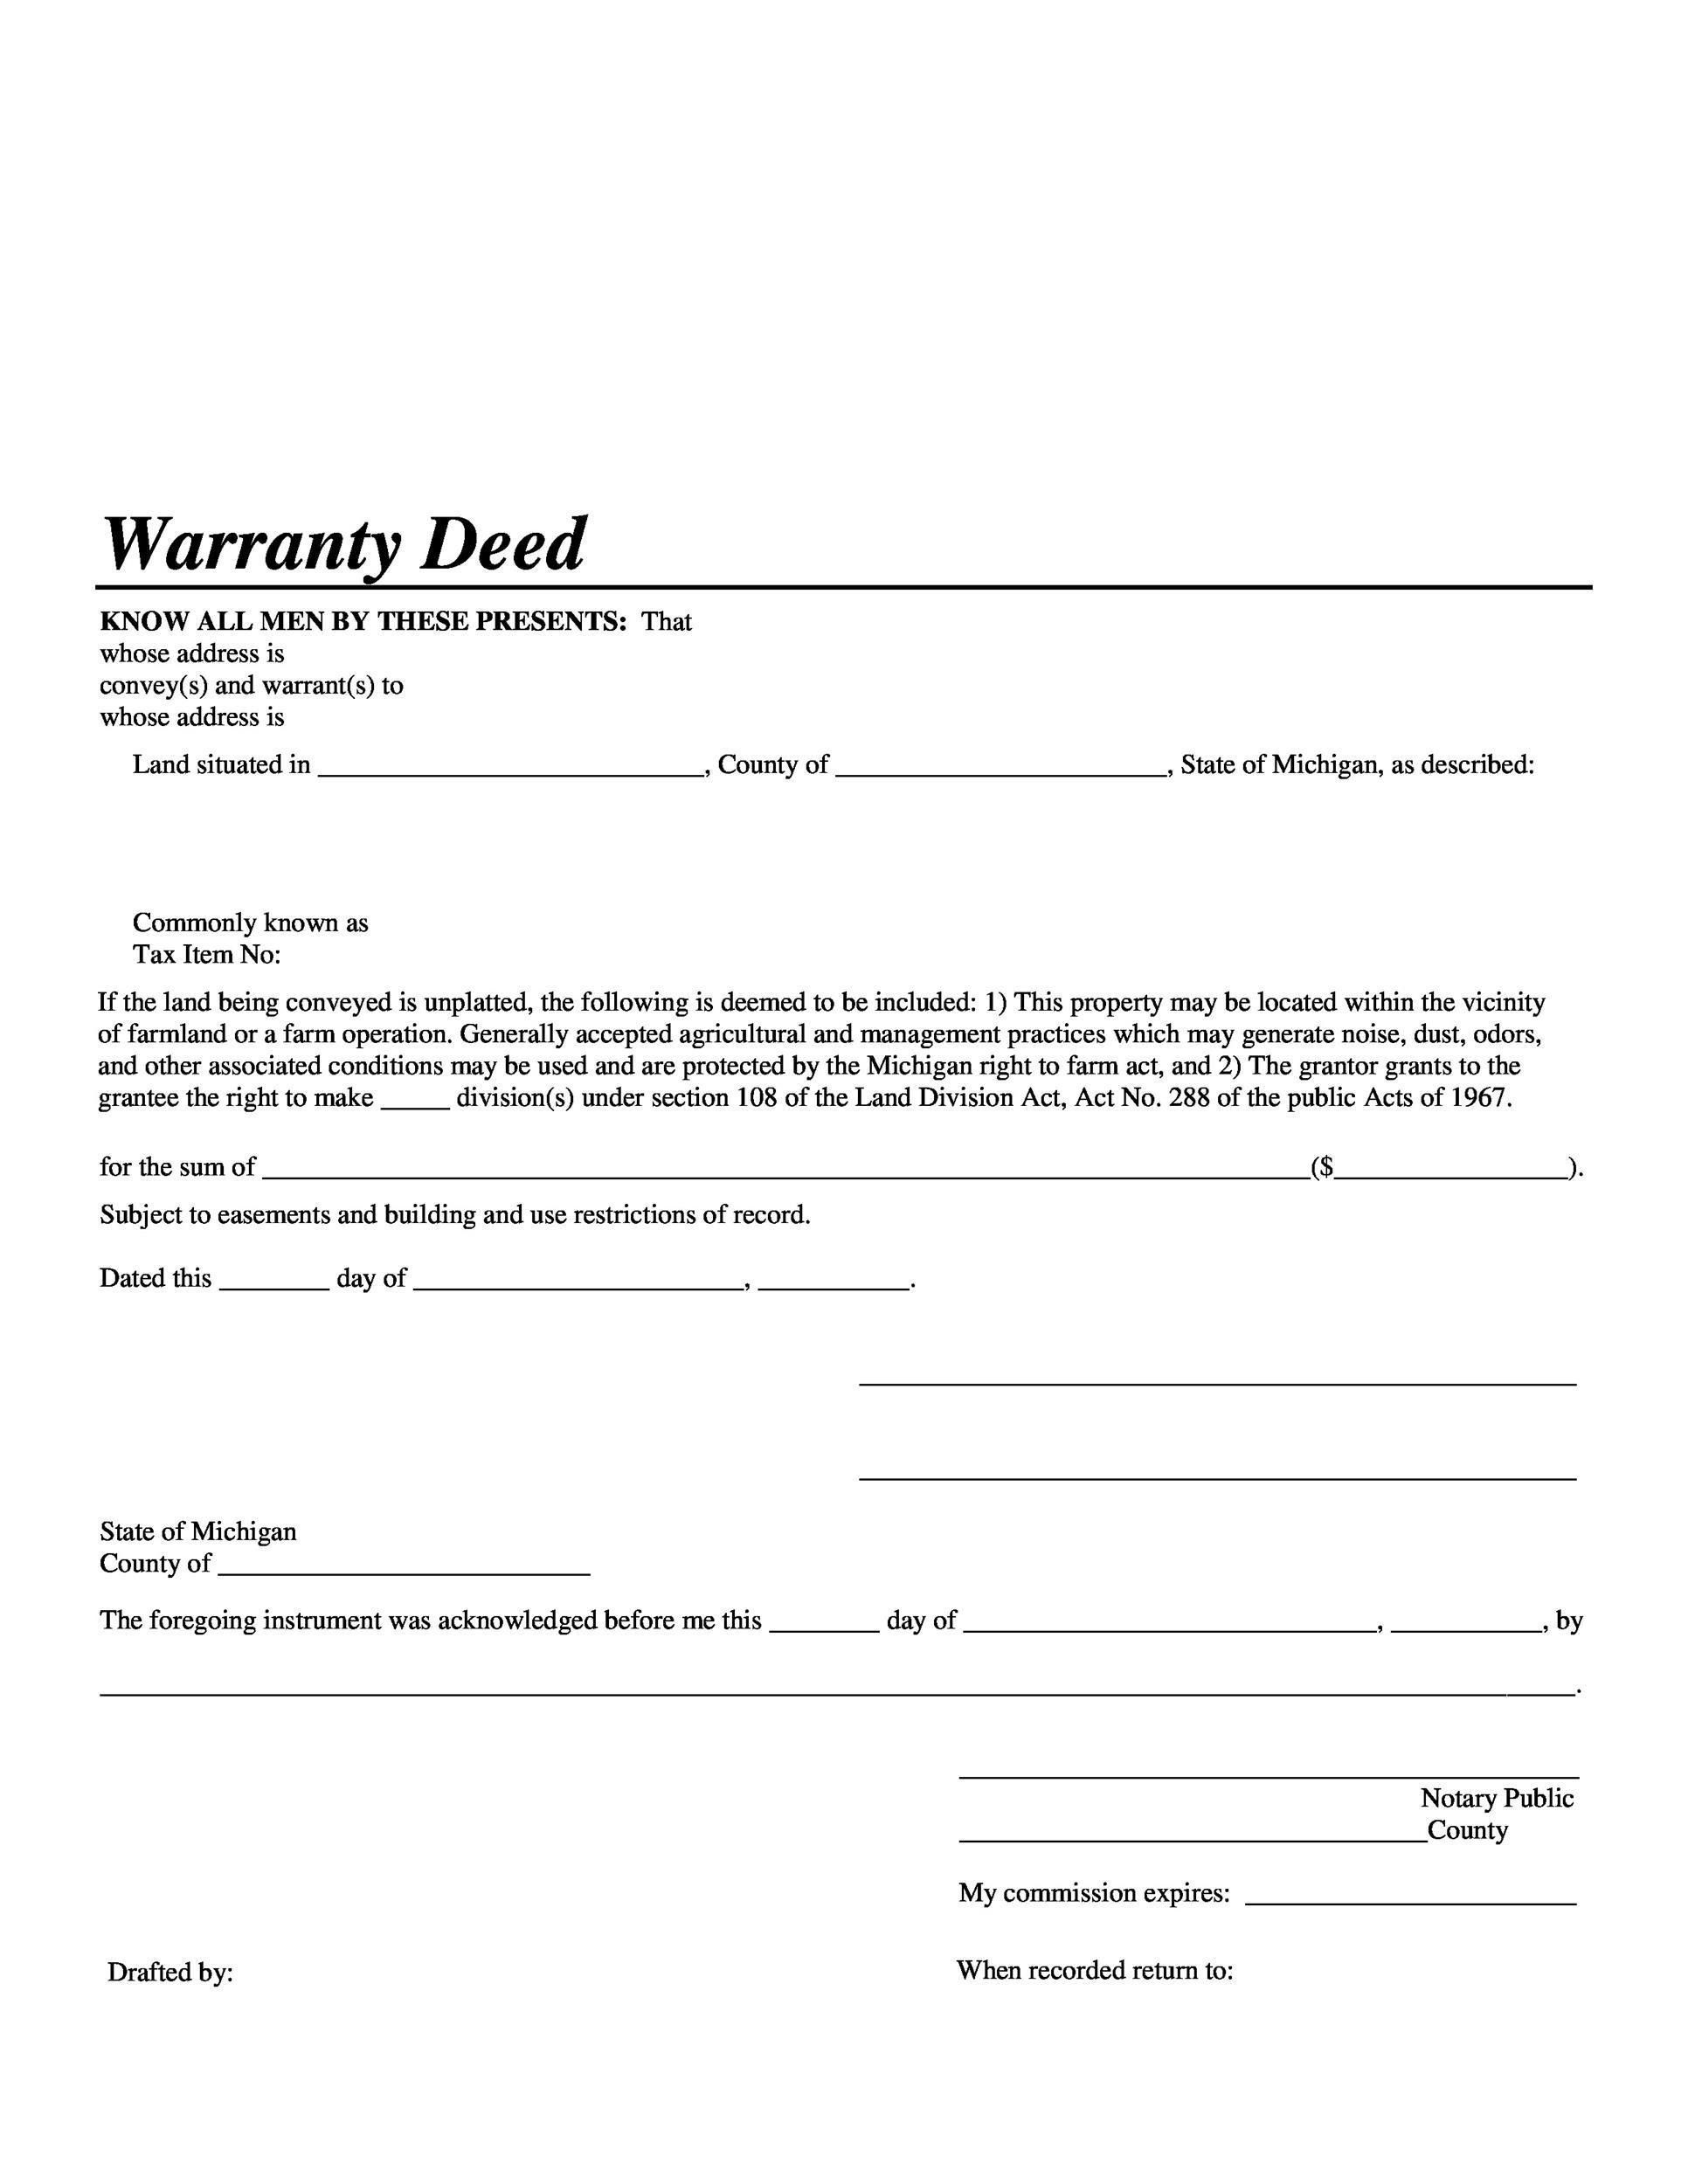 Free Warranty deed template 25